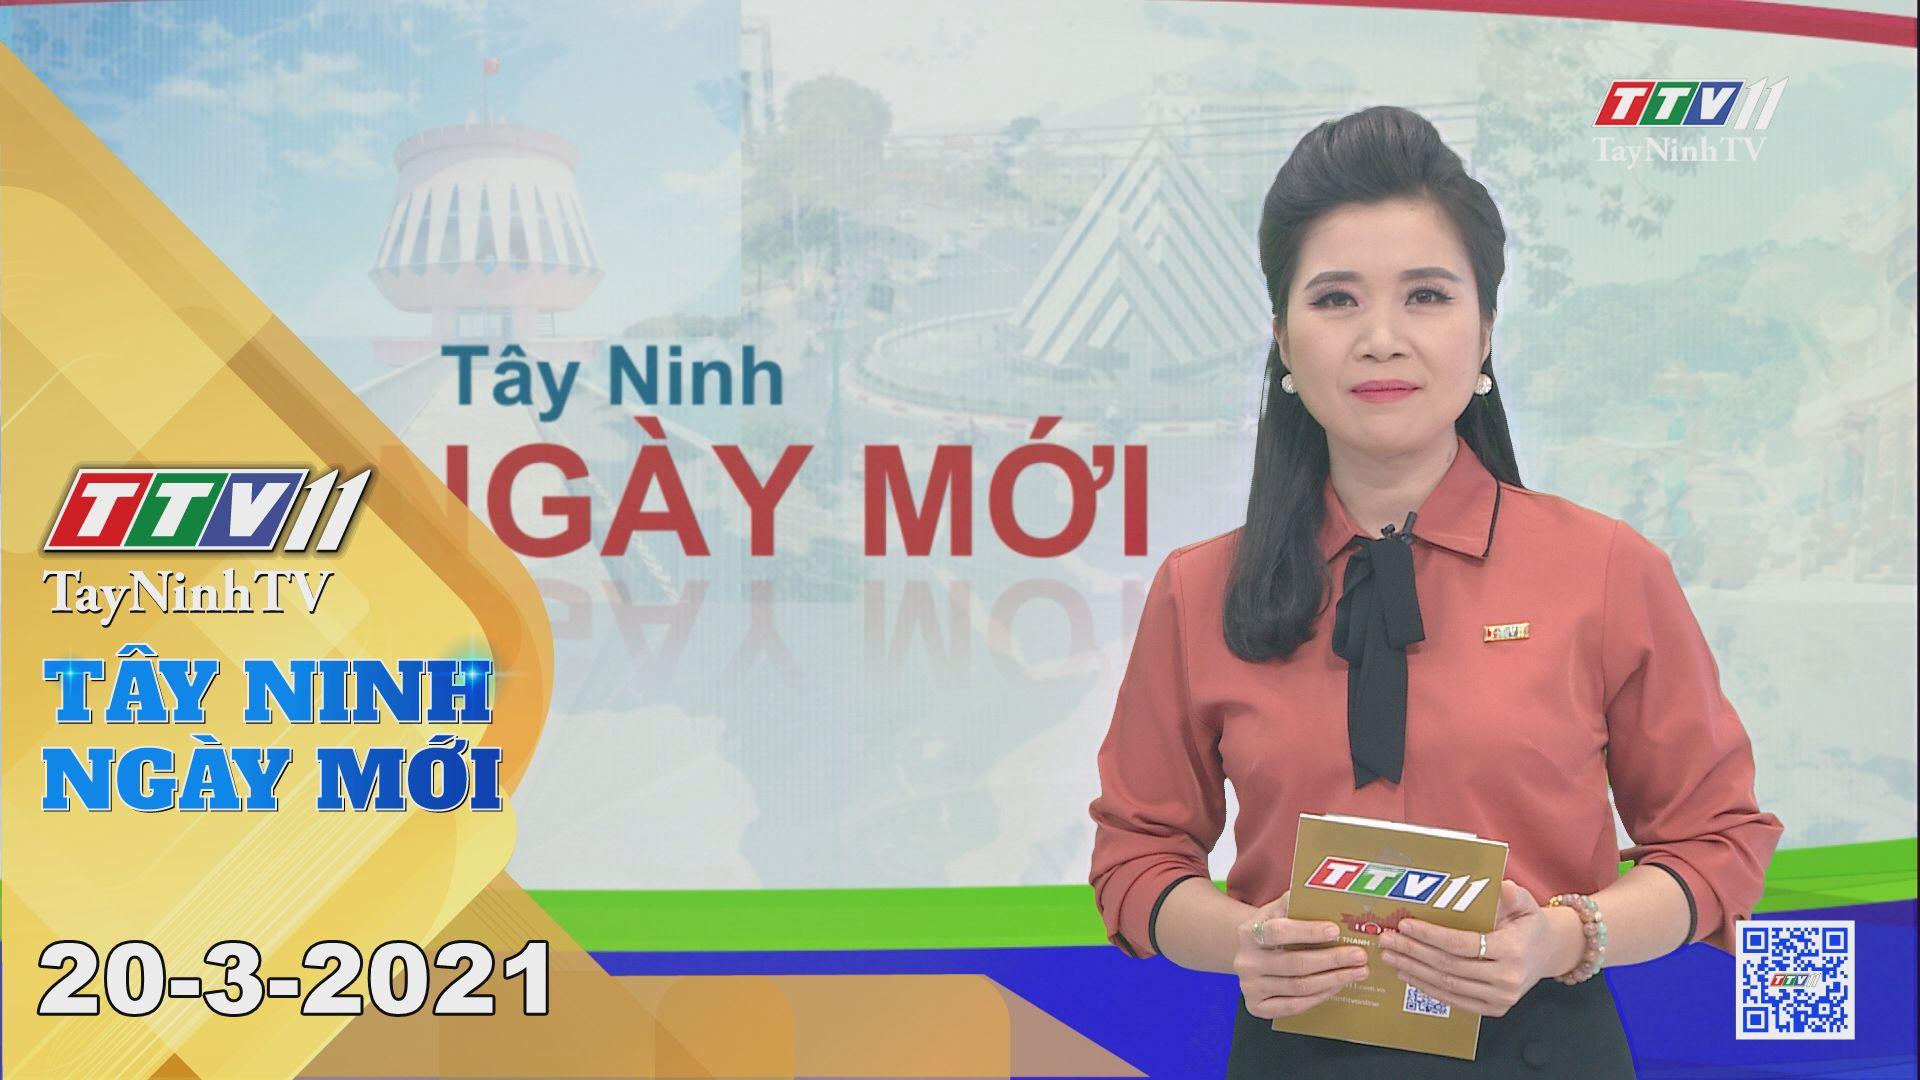 Tây Ninh Ngày Mới 20-3-2021 | Tin tức hôm nay | TayNinhTV